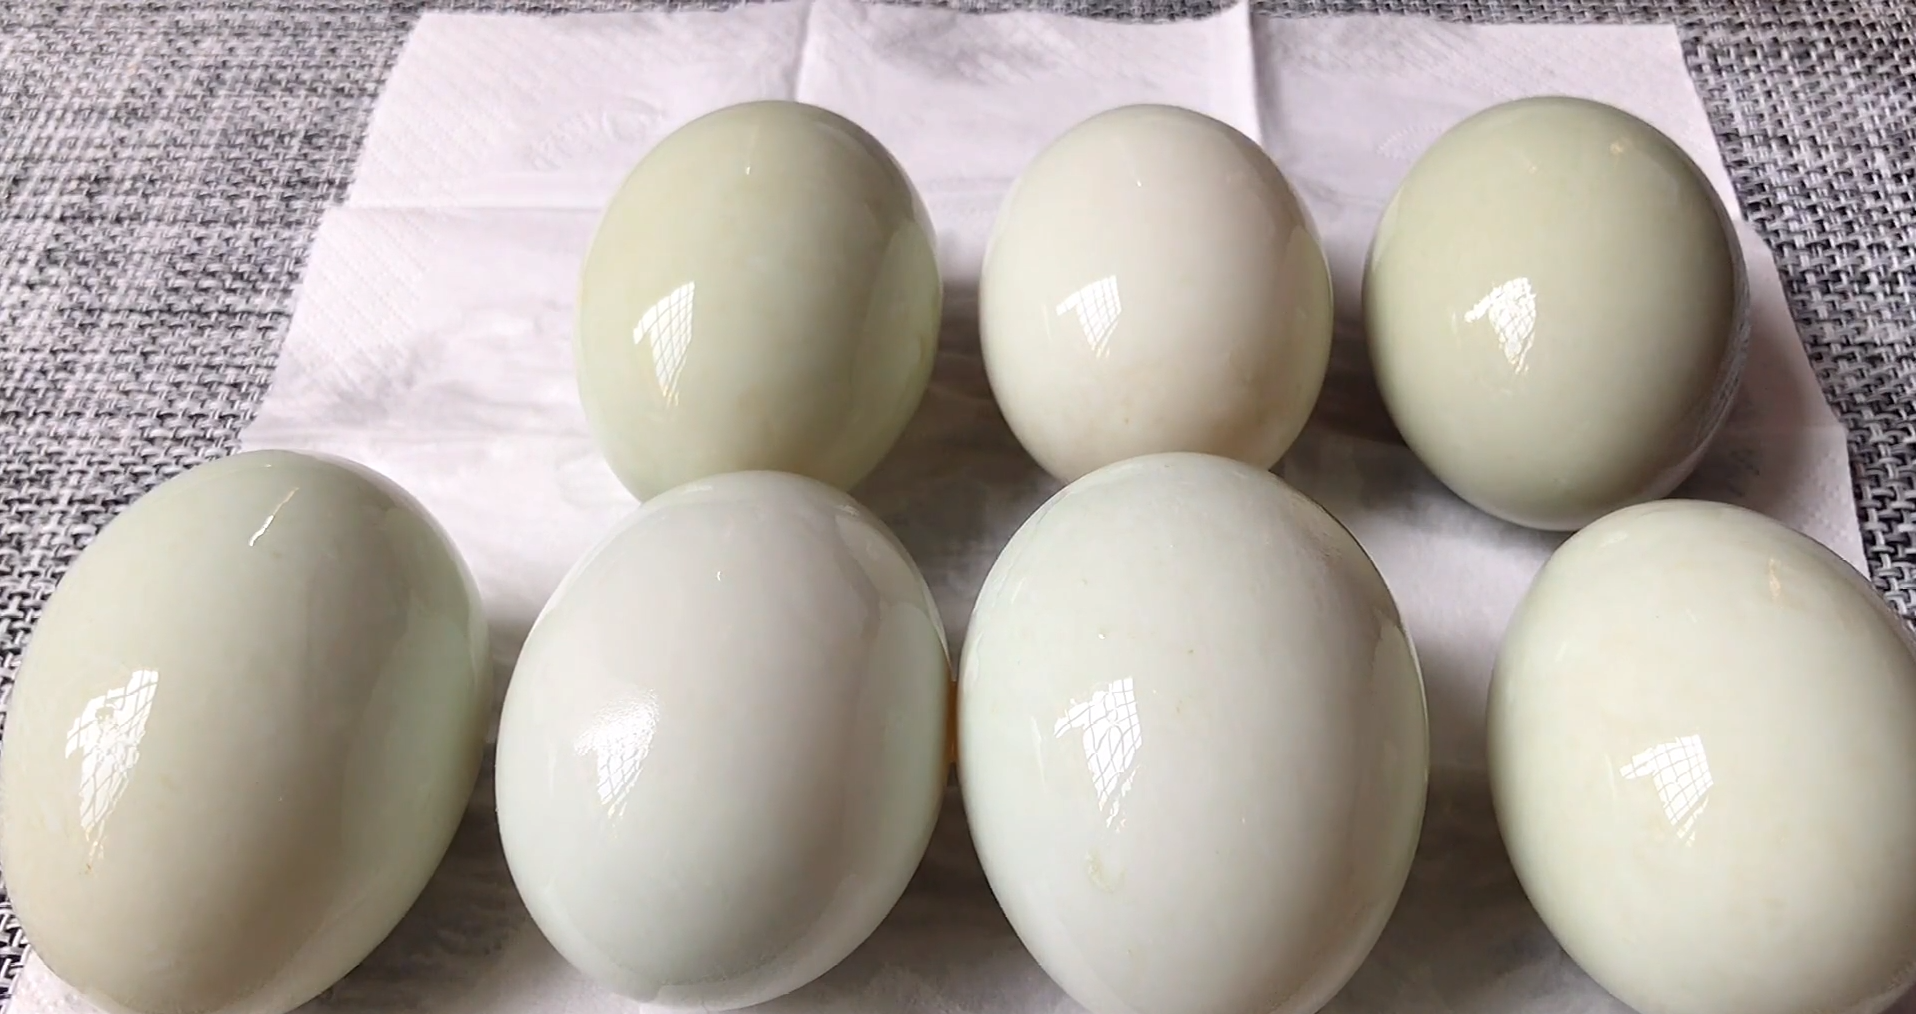 把白酒倒进鸭蛋里,真是厉害了,个个翻沙流油,吃着满嘴留香 美食做法 第5张